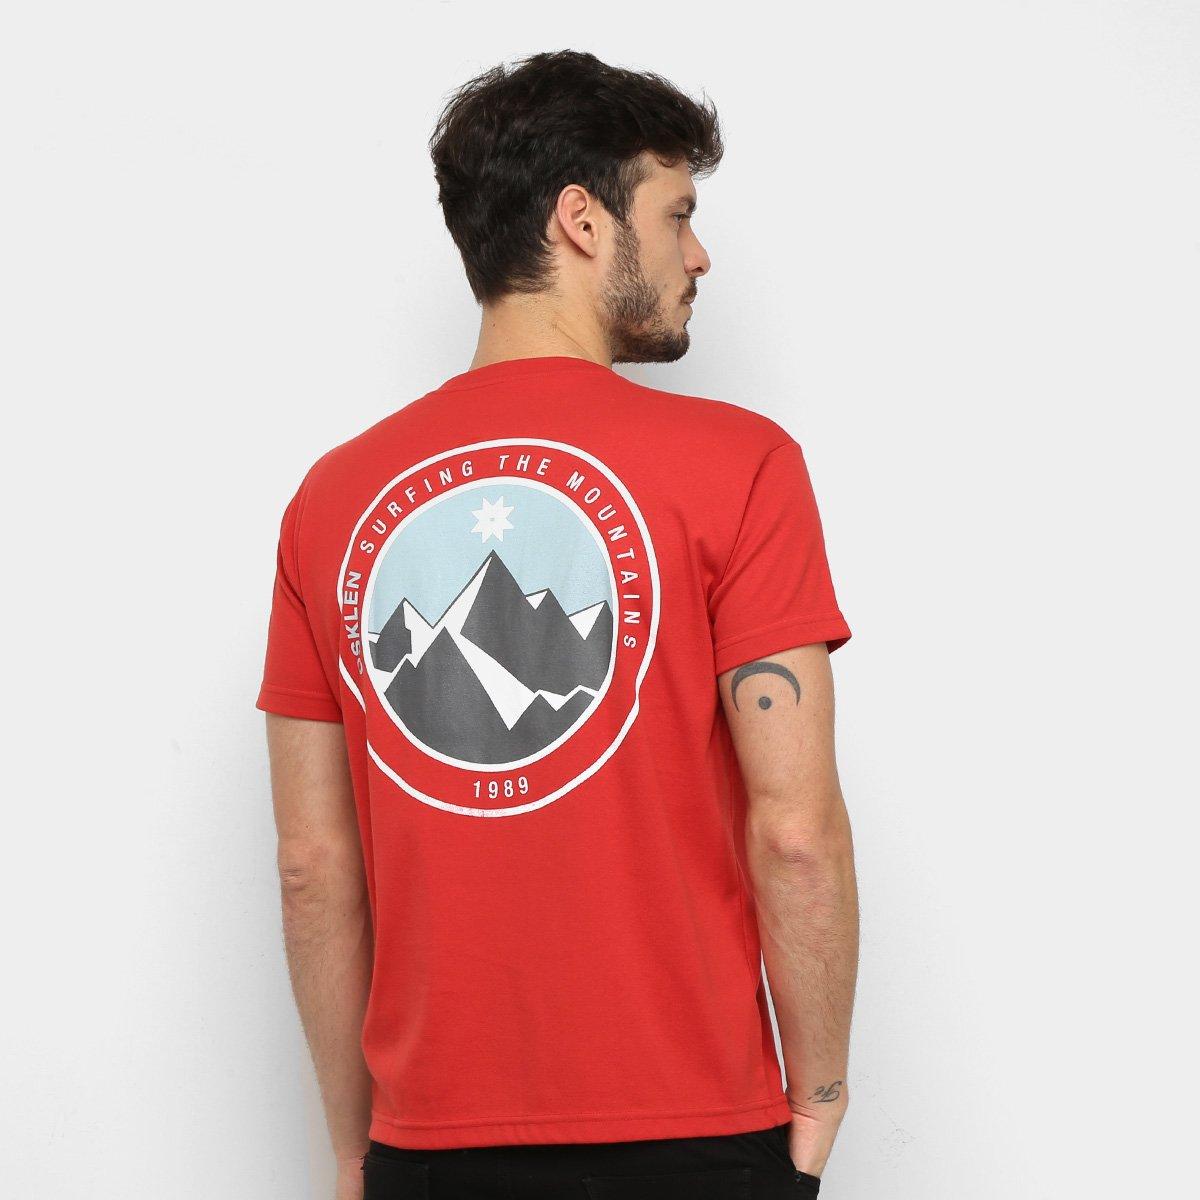 Camiseta Osklen STM 1989 Masculina - Vermelho Vbz5W5yT